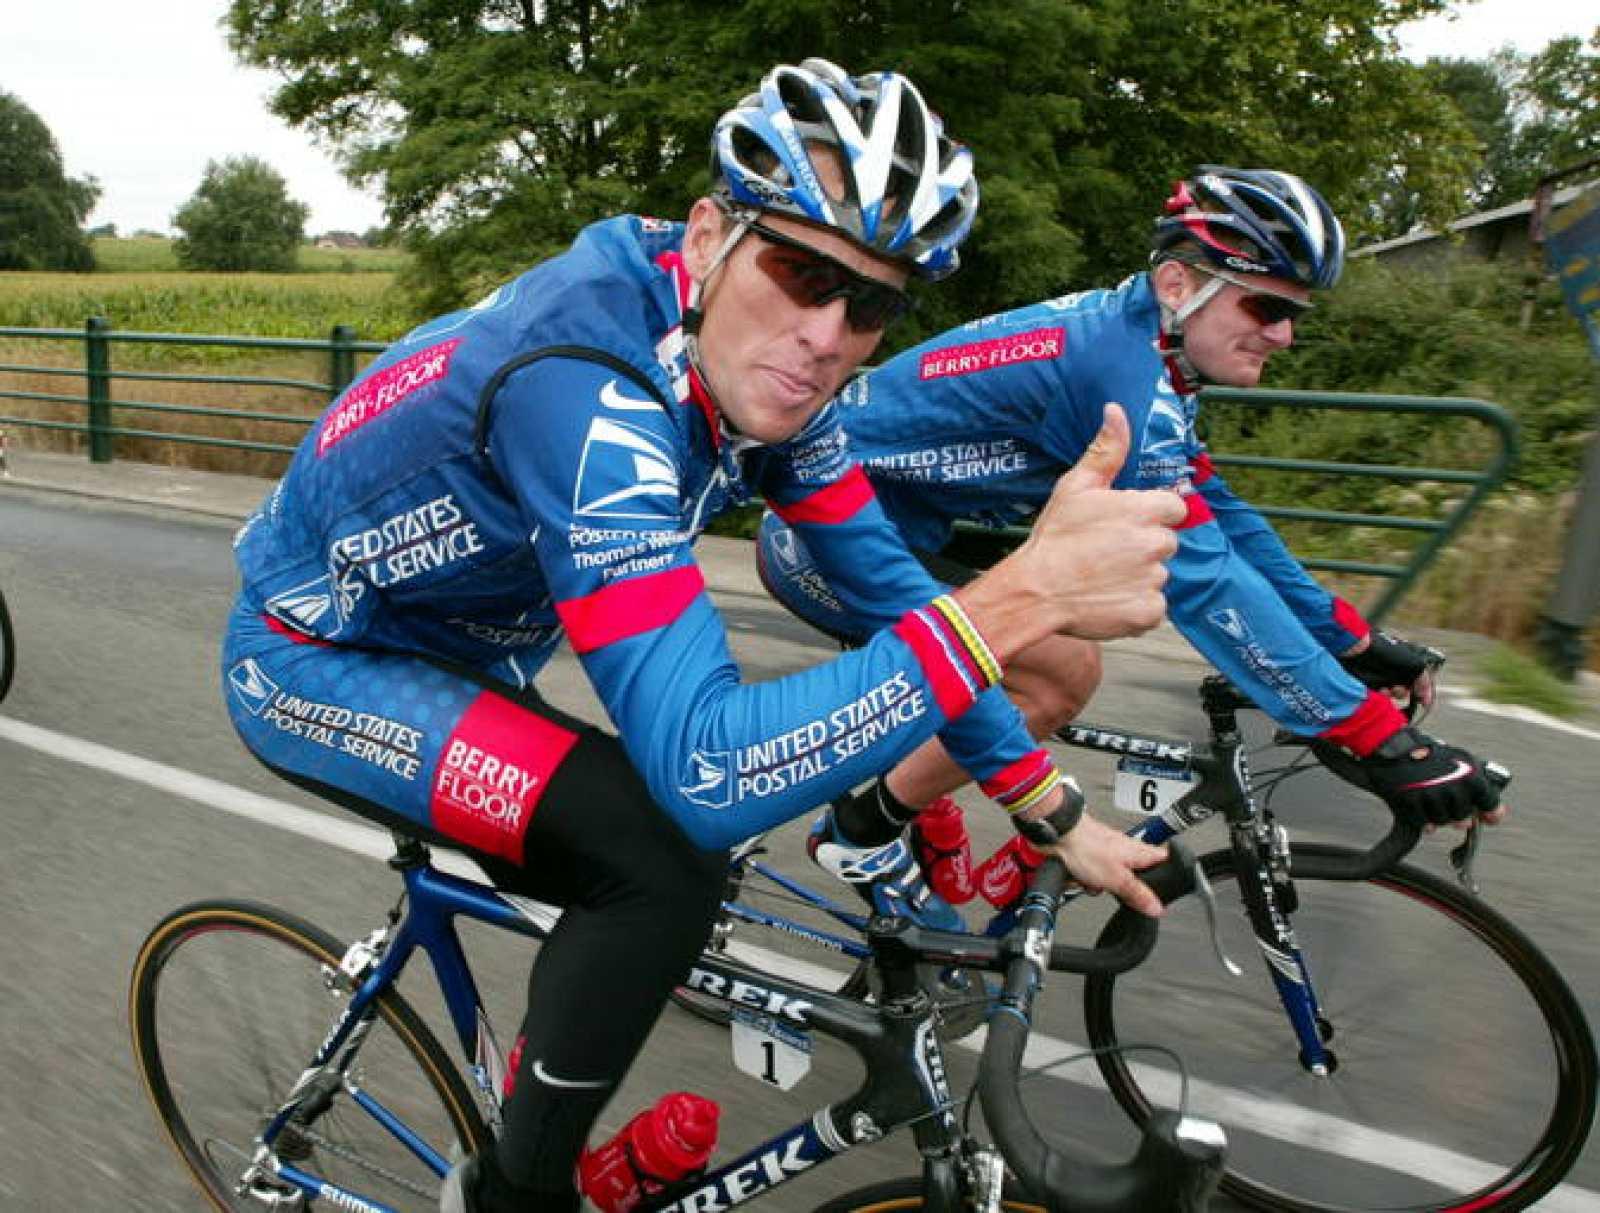 Imagen de los ciclistas del US Postal Lance Armstrong y Floyd Landis durante un entrenamiento en el año 2003.